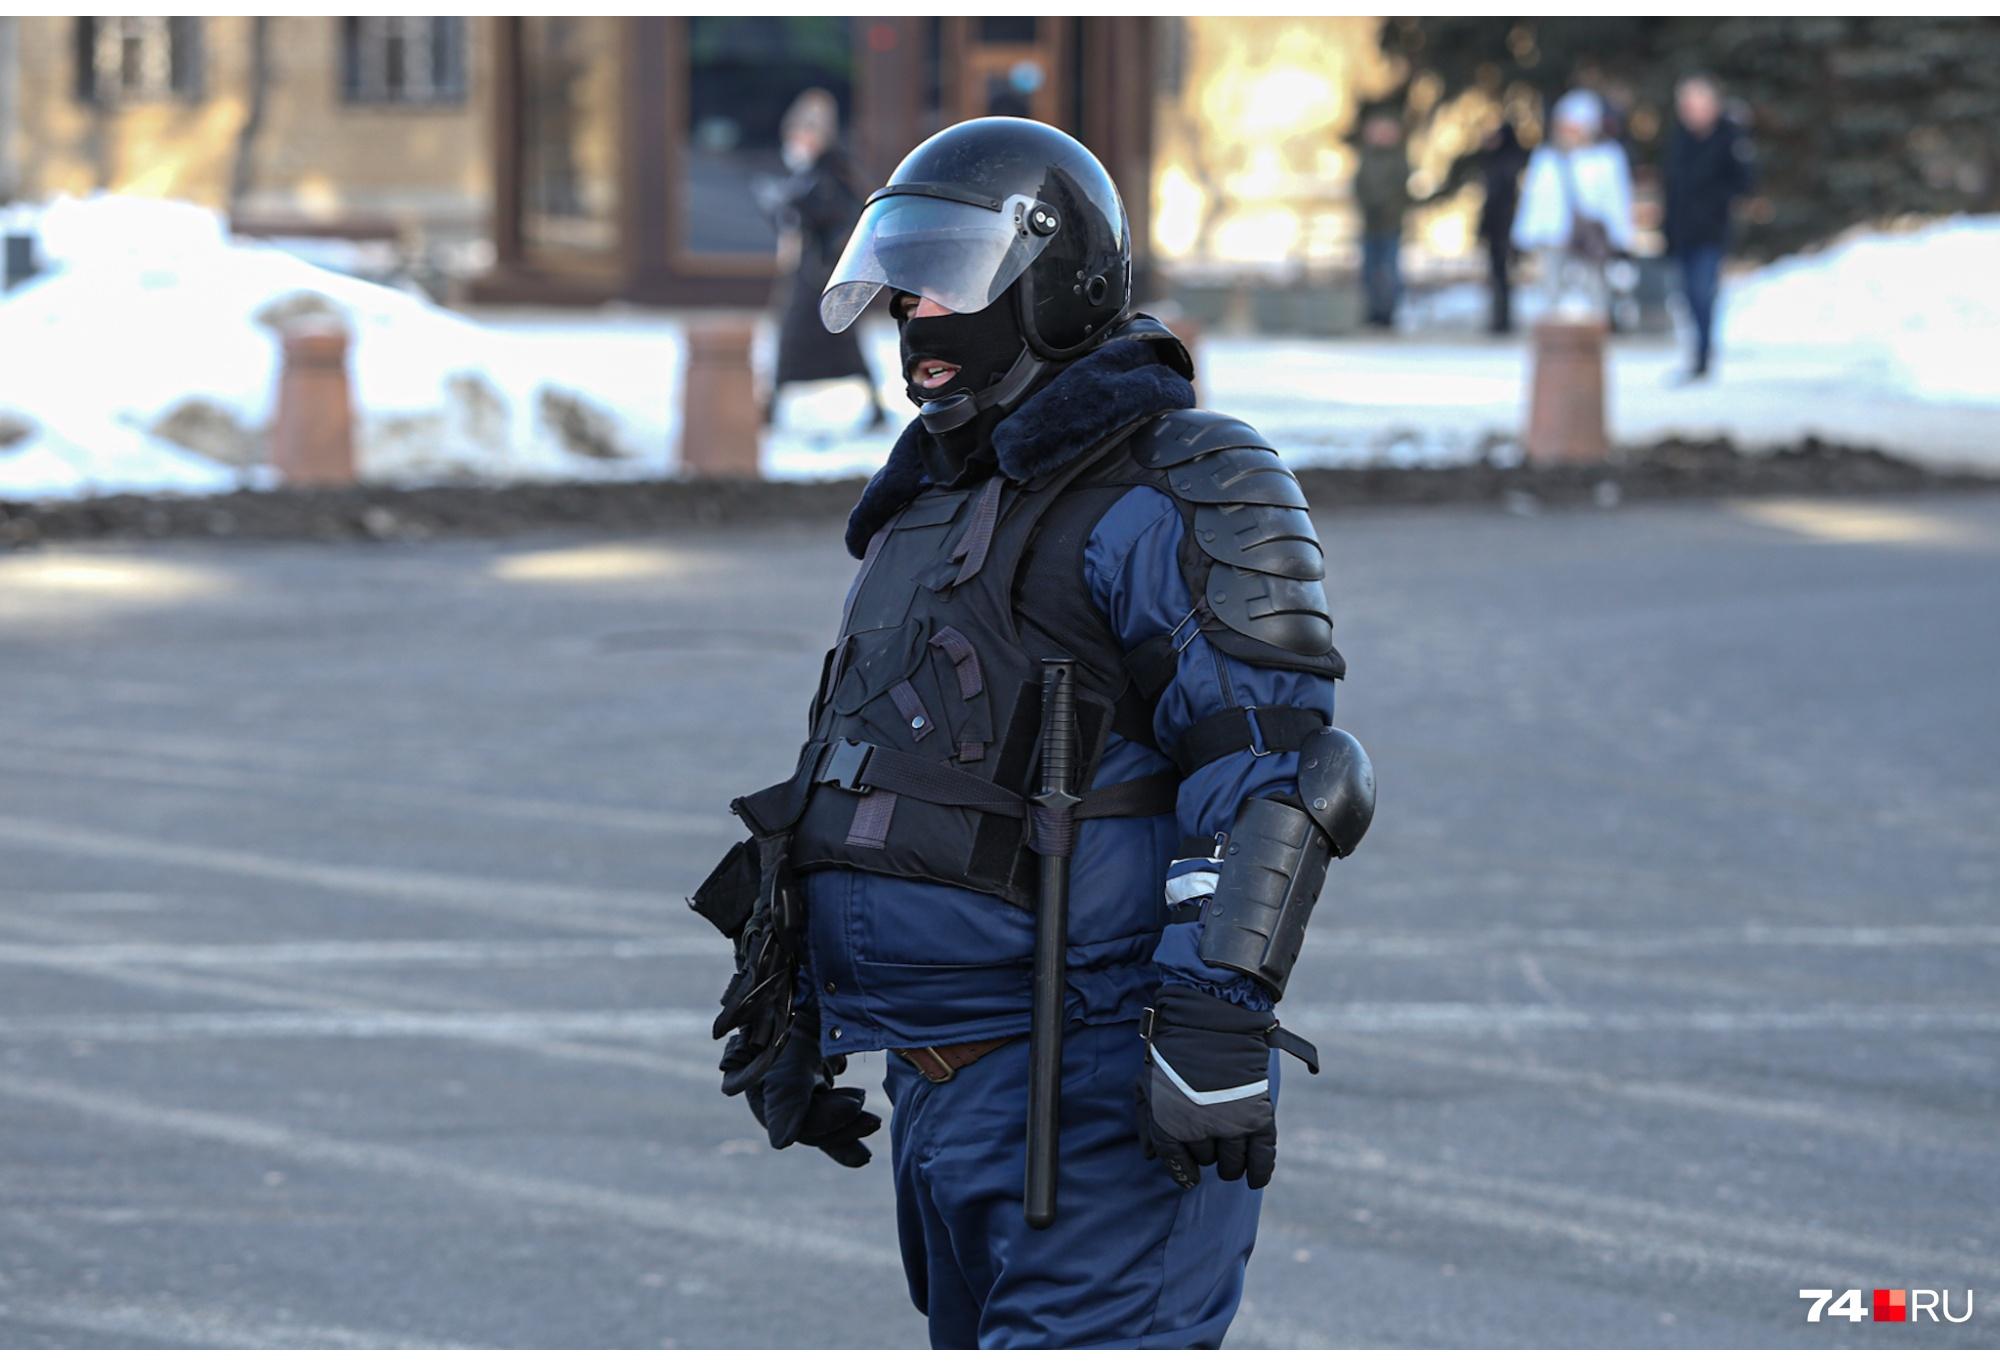 Сотрудники полиции выставлены друг от друга буквально в нескольких шагах